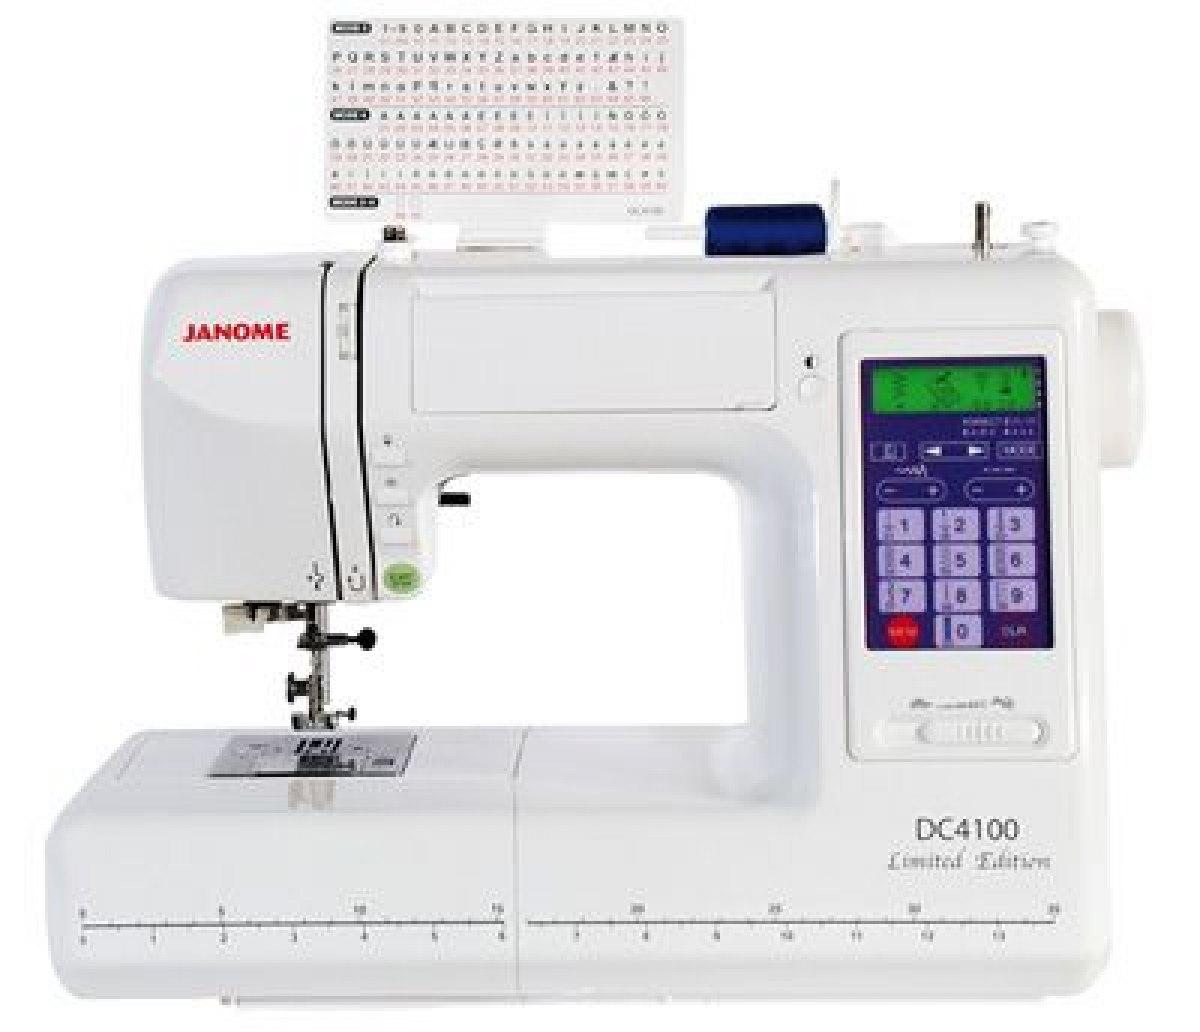 Janome macchina per cucire janome dc4100 del giudice e for Prezzi macchine da cucire